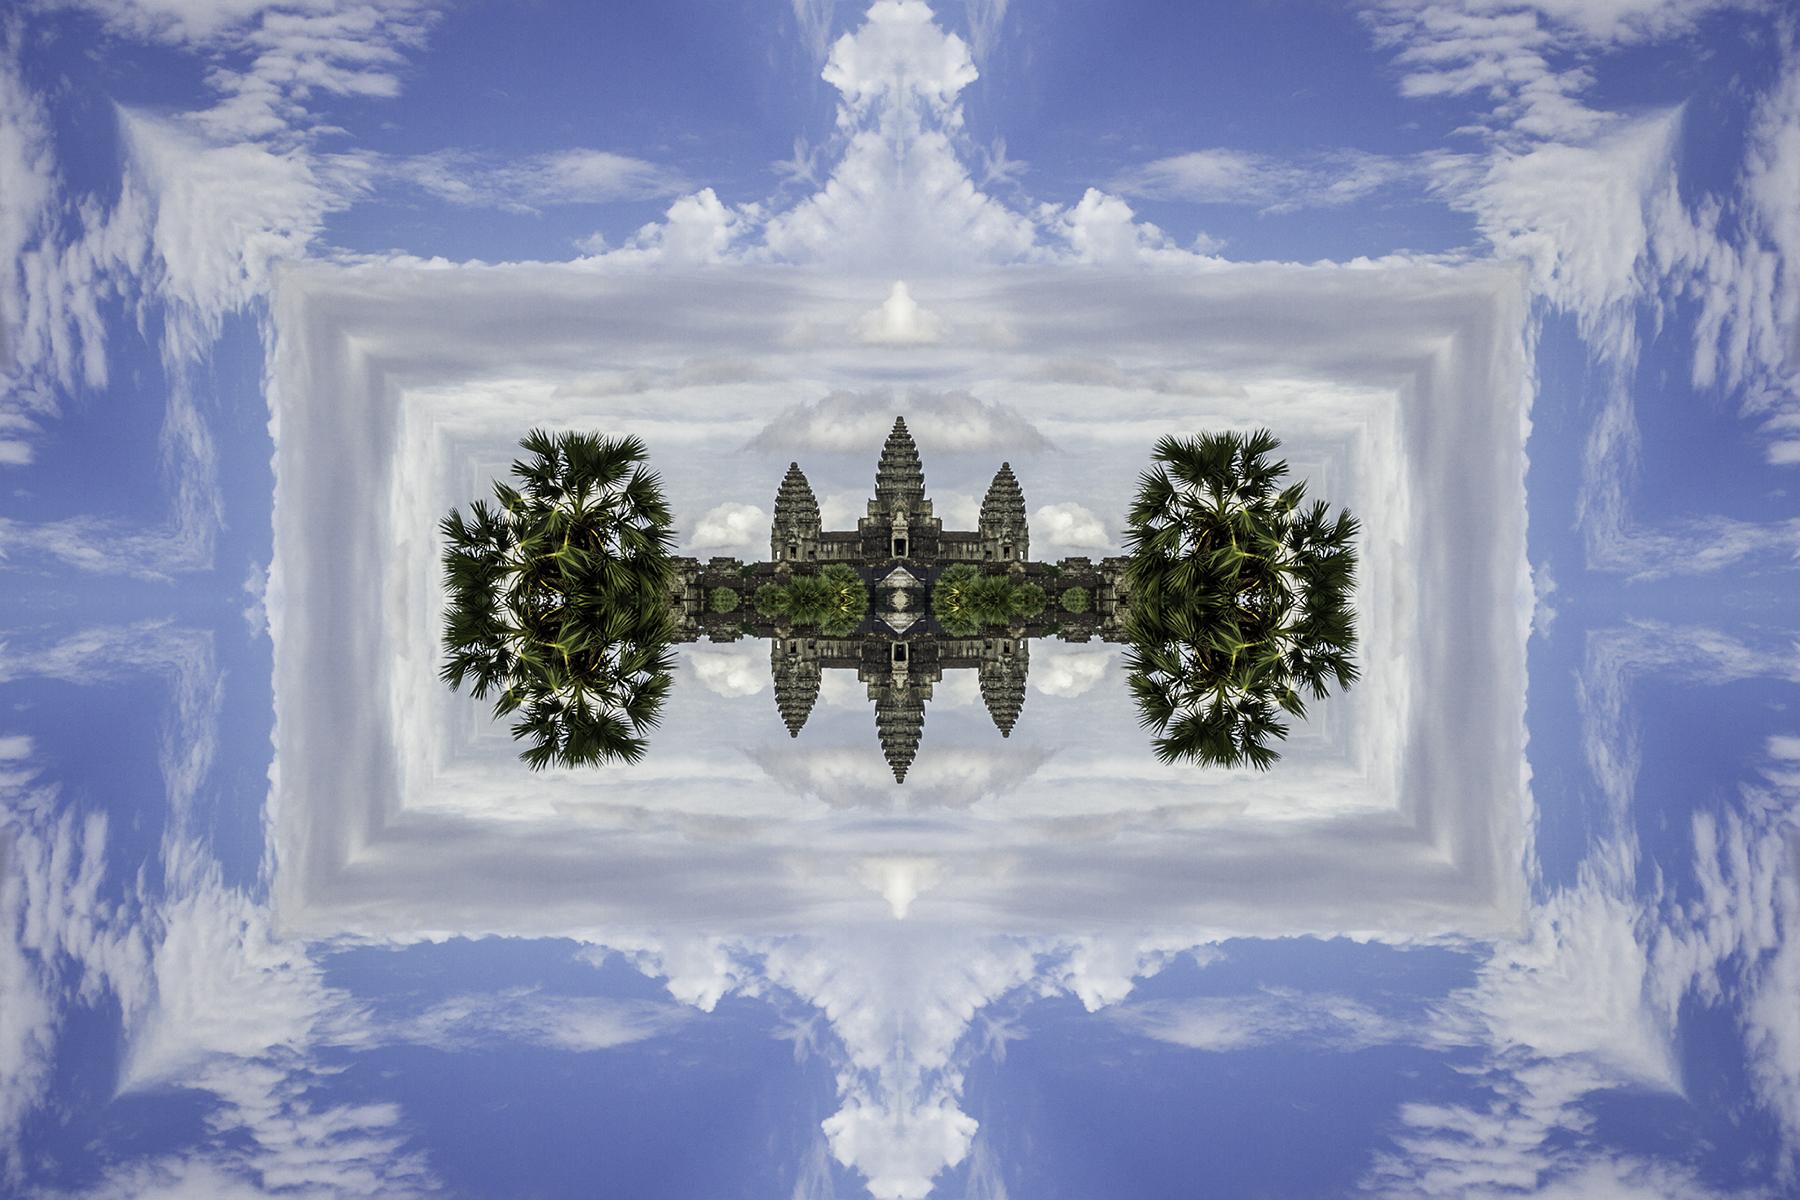 angkor-mandala-sequence-angkor-wat-1-antal-gabelics.jpg